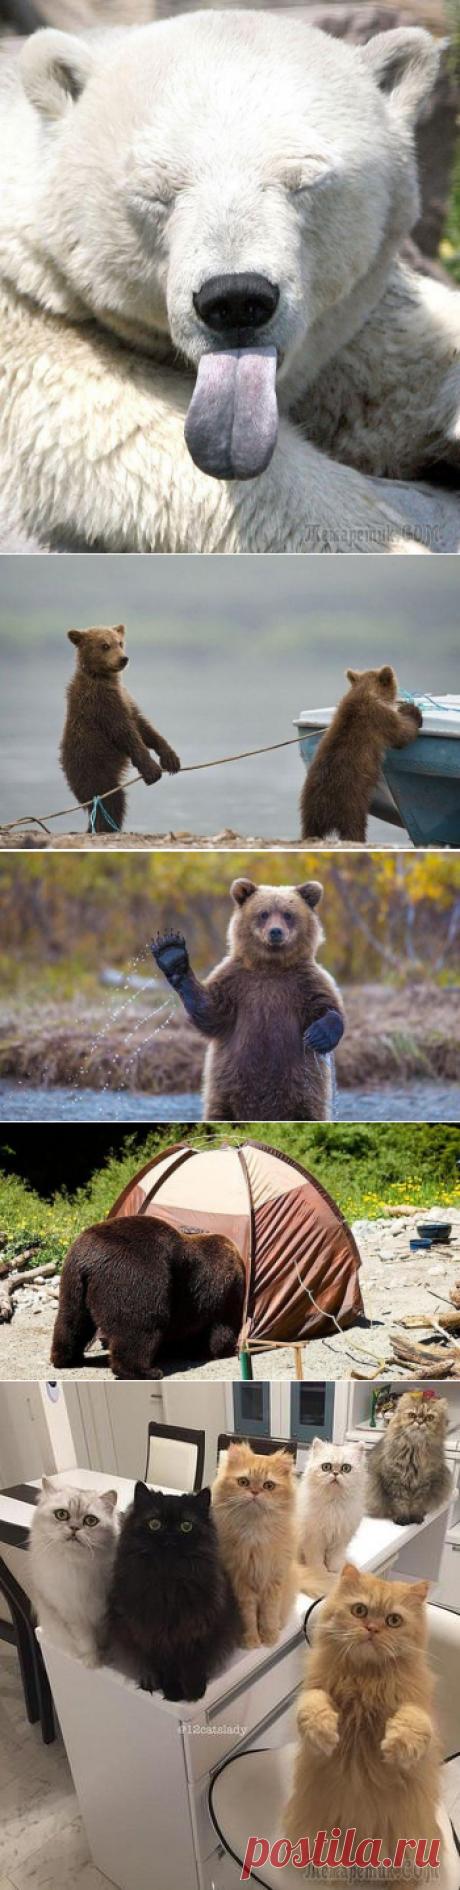 Смешные медведи, которые ведут себя как люди